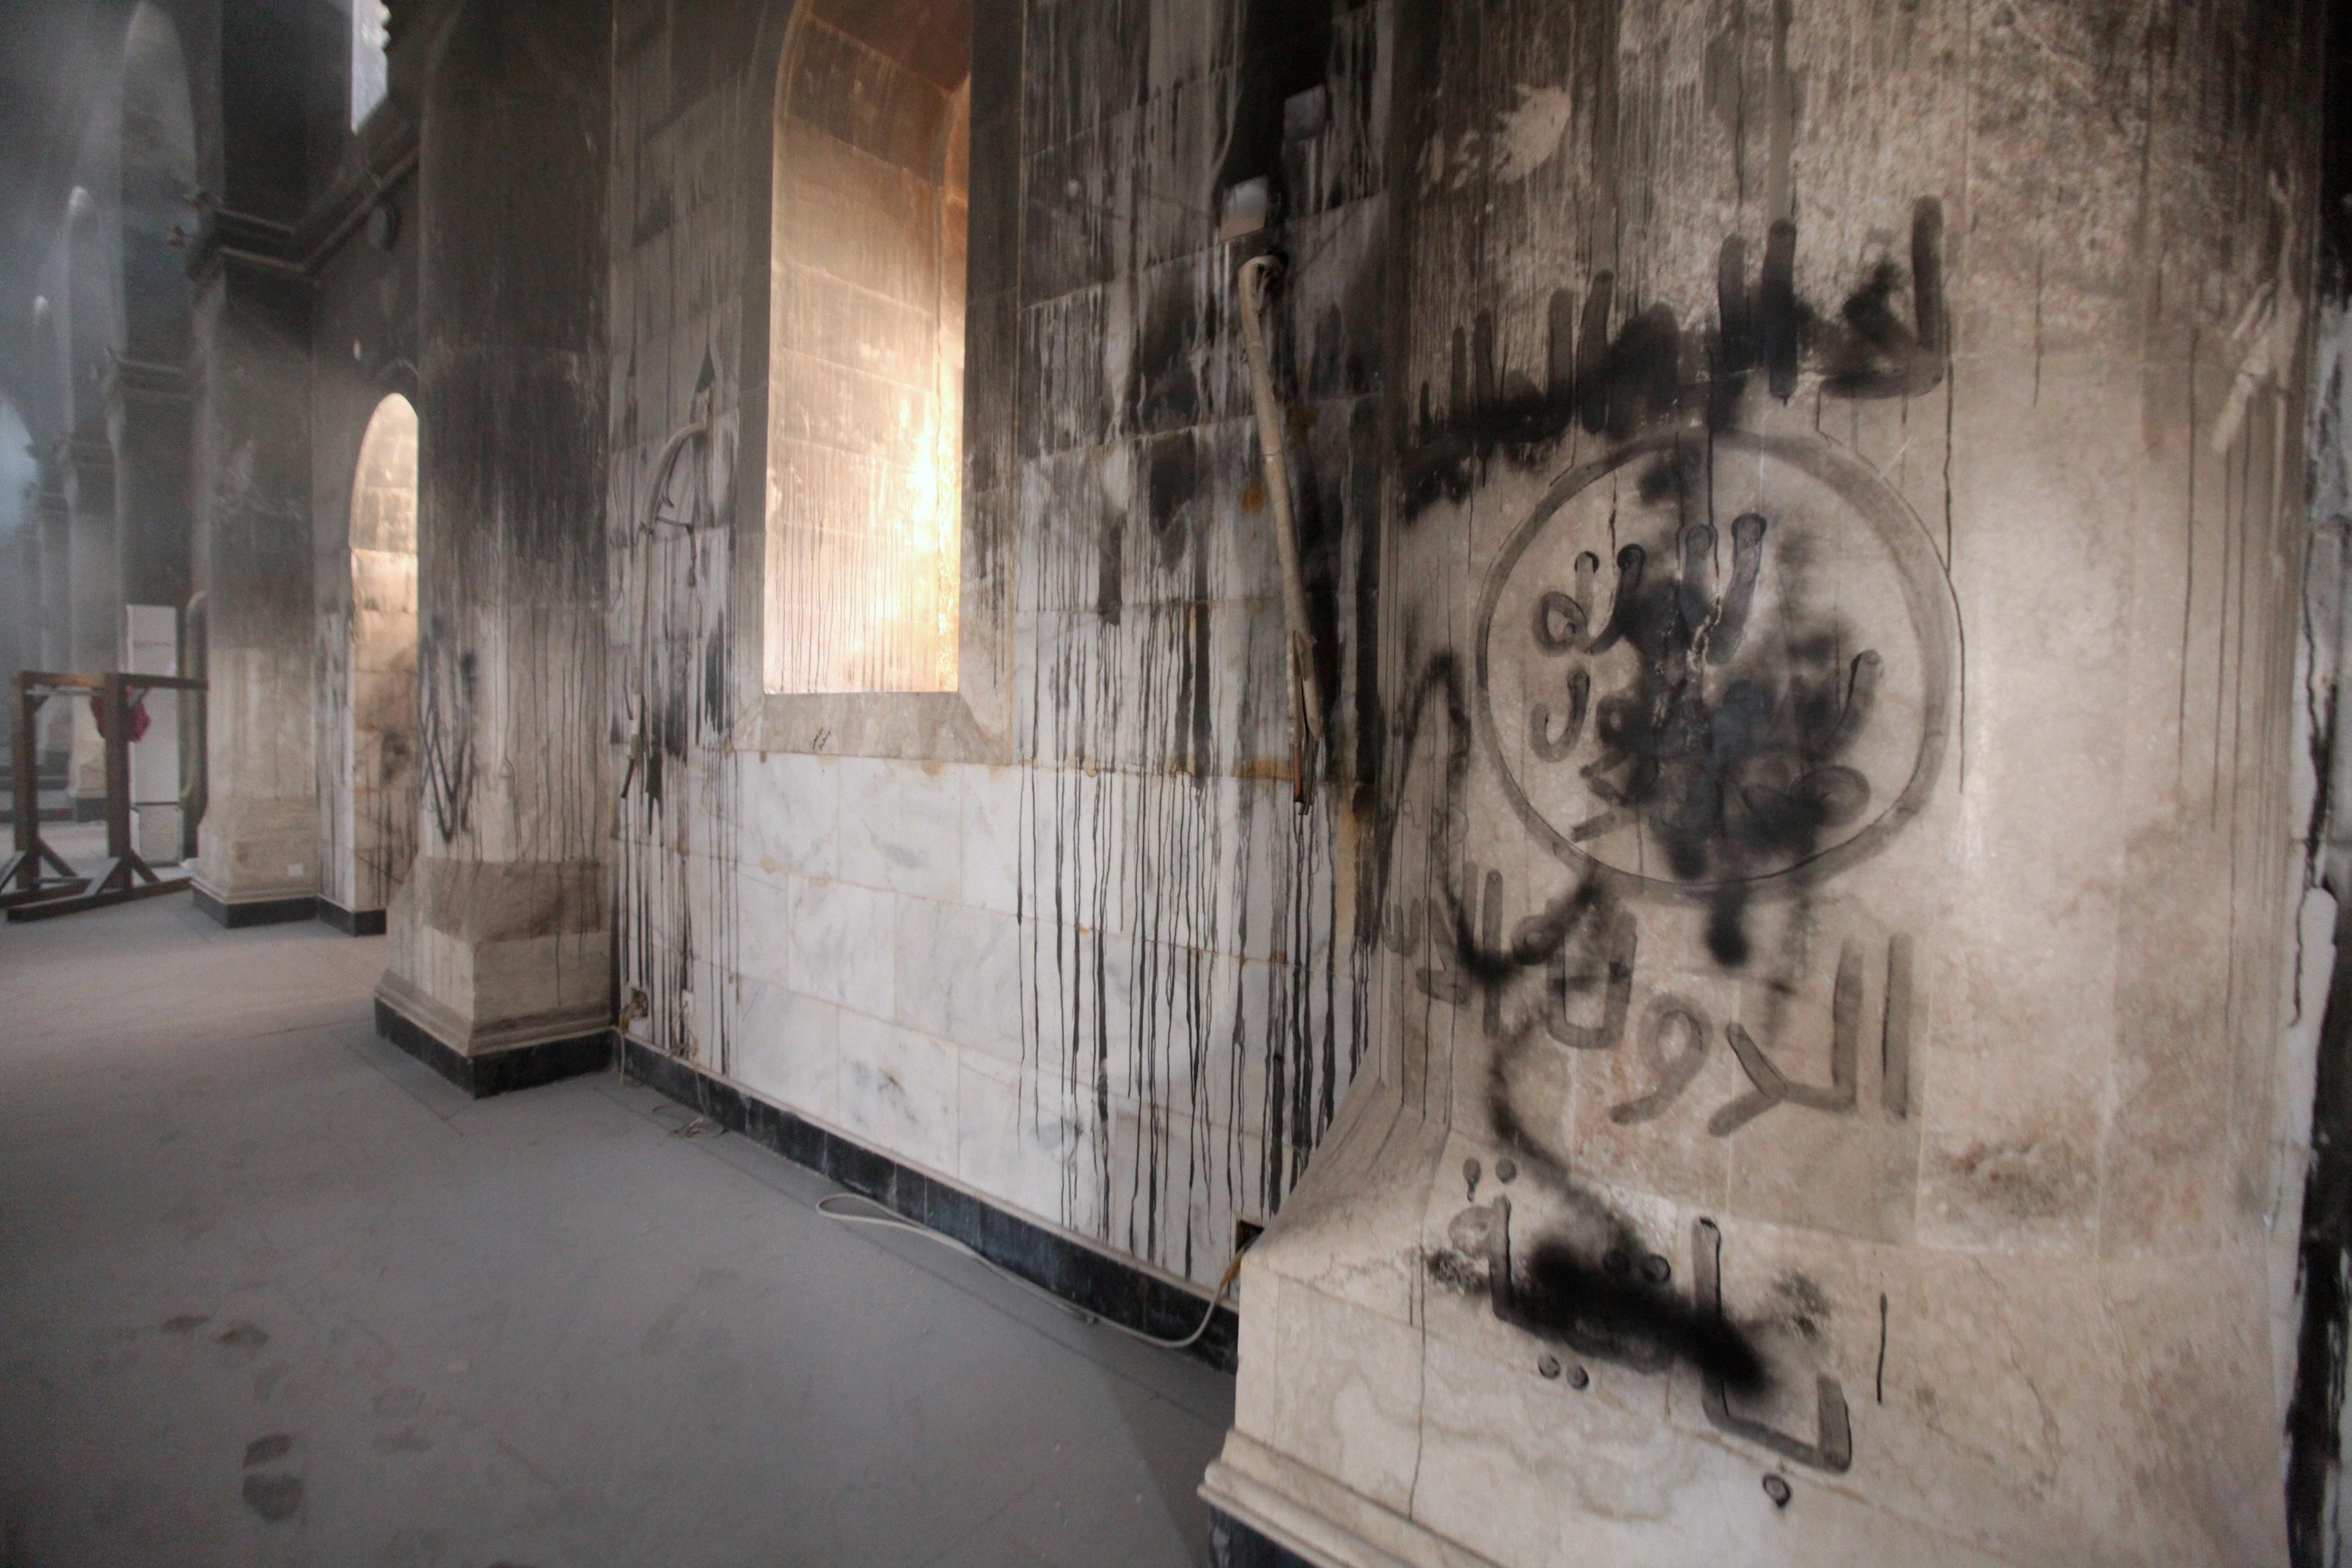 احتل داعش الكنيسة الكبيرة في منطقة بغديدا وقام بكتابة شعاراته على جدرانها